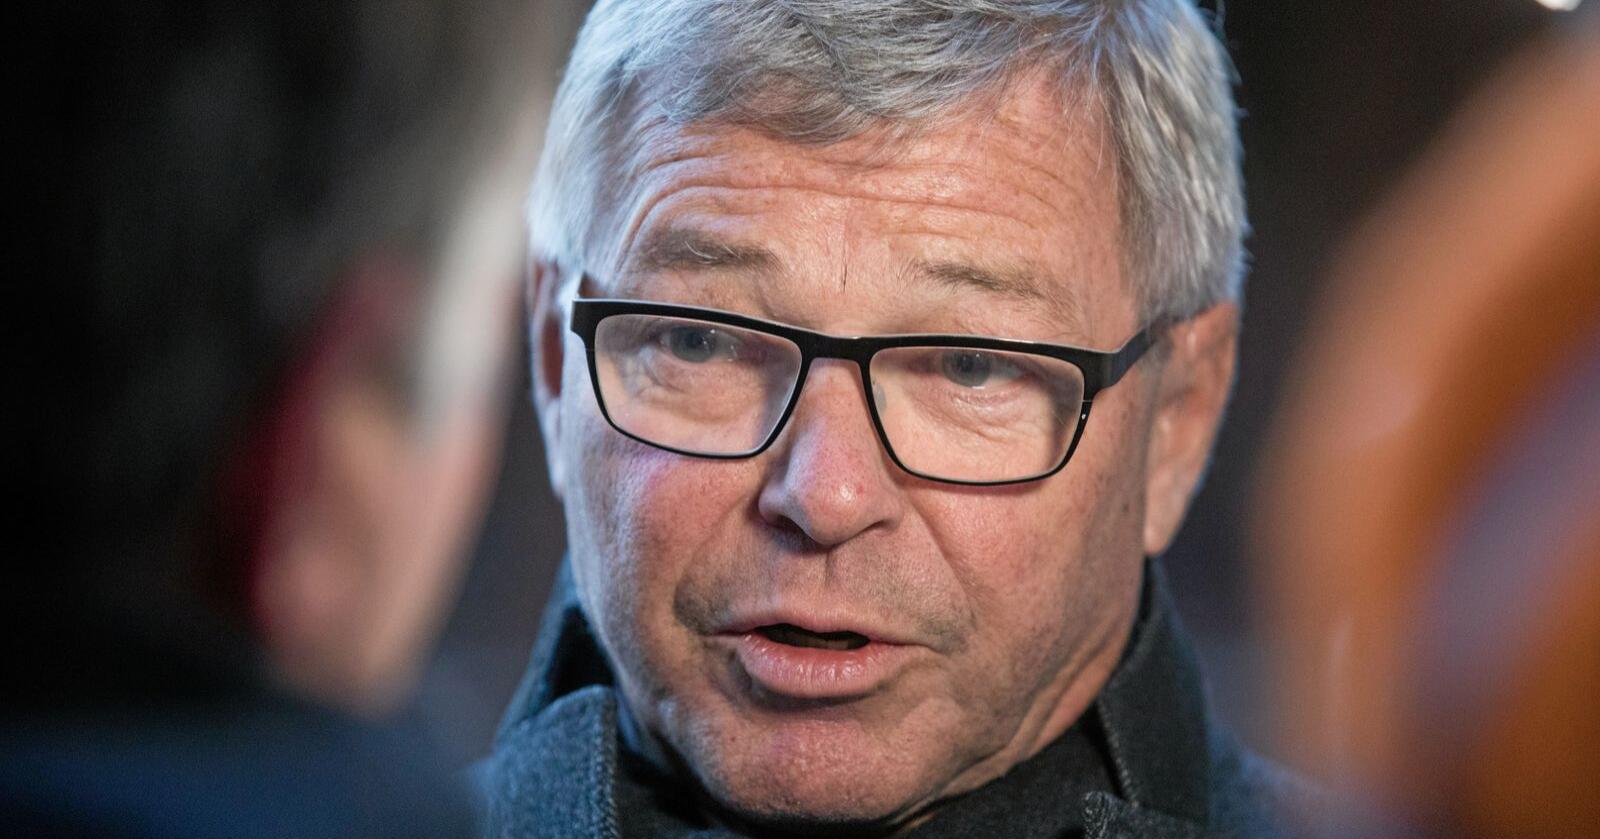 Kjell Magne Bondevik mener bønder bør anerkjennes for den jobben de gjør, også inntektsmessig. Foto: Audun Braastad / NTB scanpix